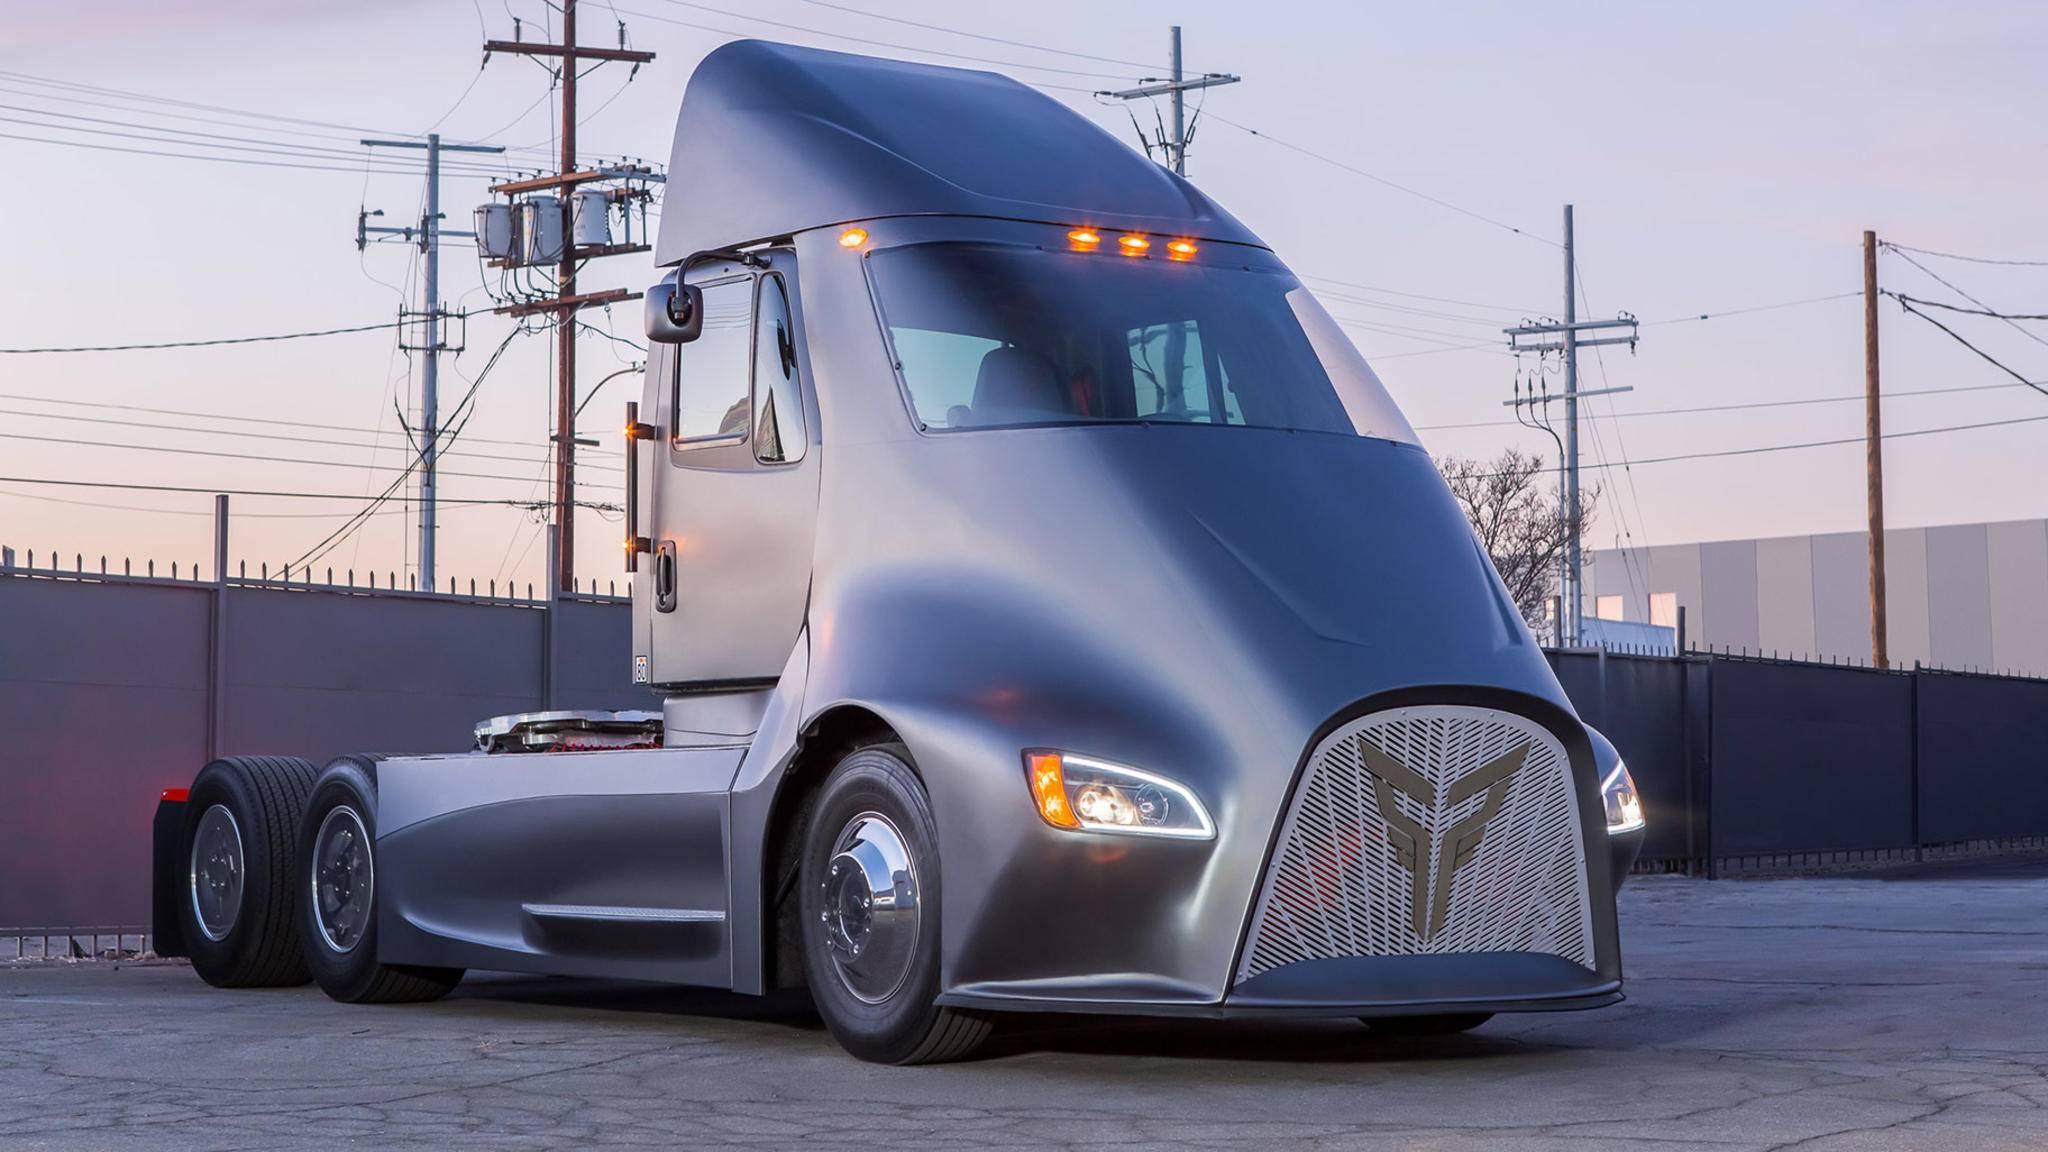 Diese schicke Elektro-Lkw soll bereits 2019 Güter auf den Straßen transportieren.